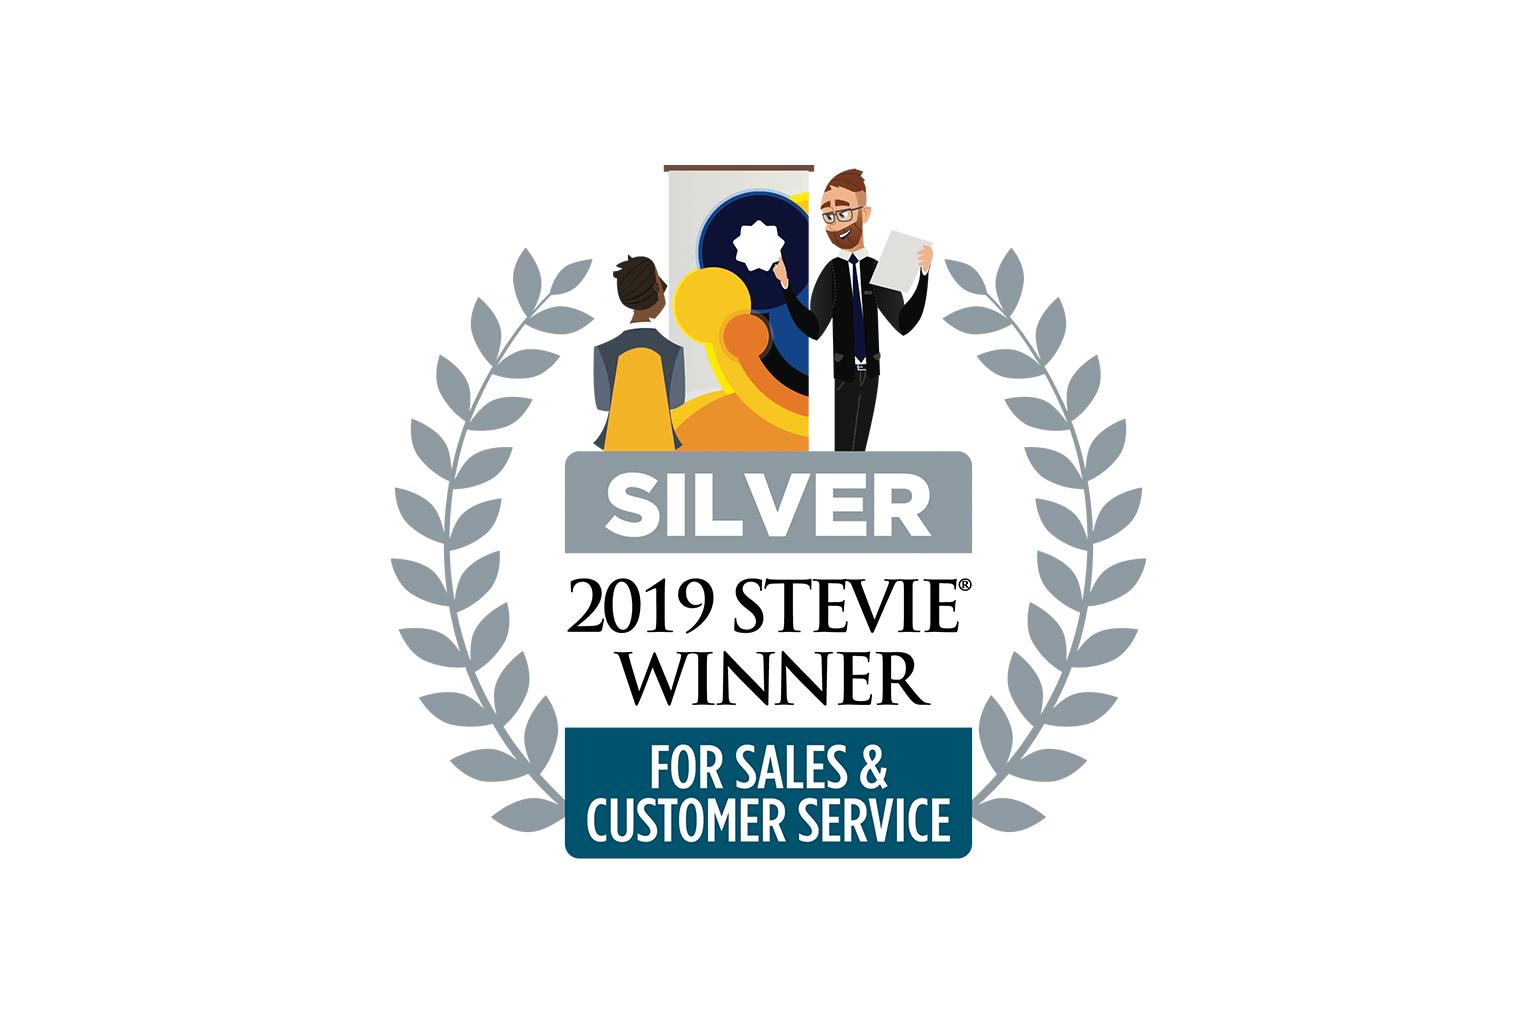 2019 silver stevie